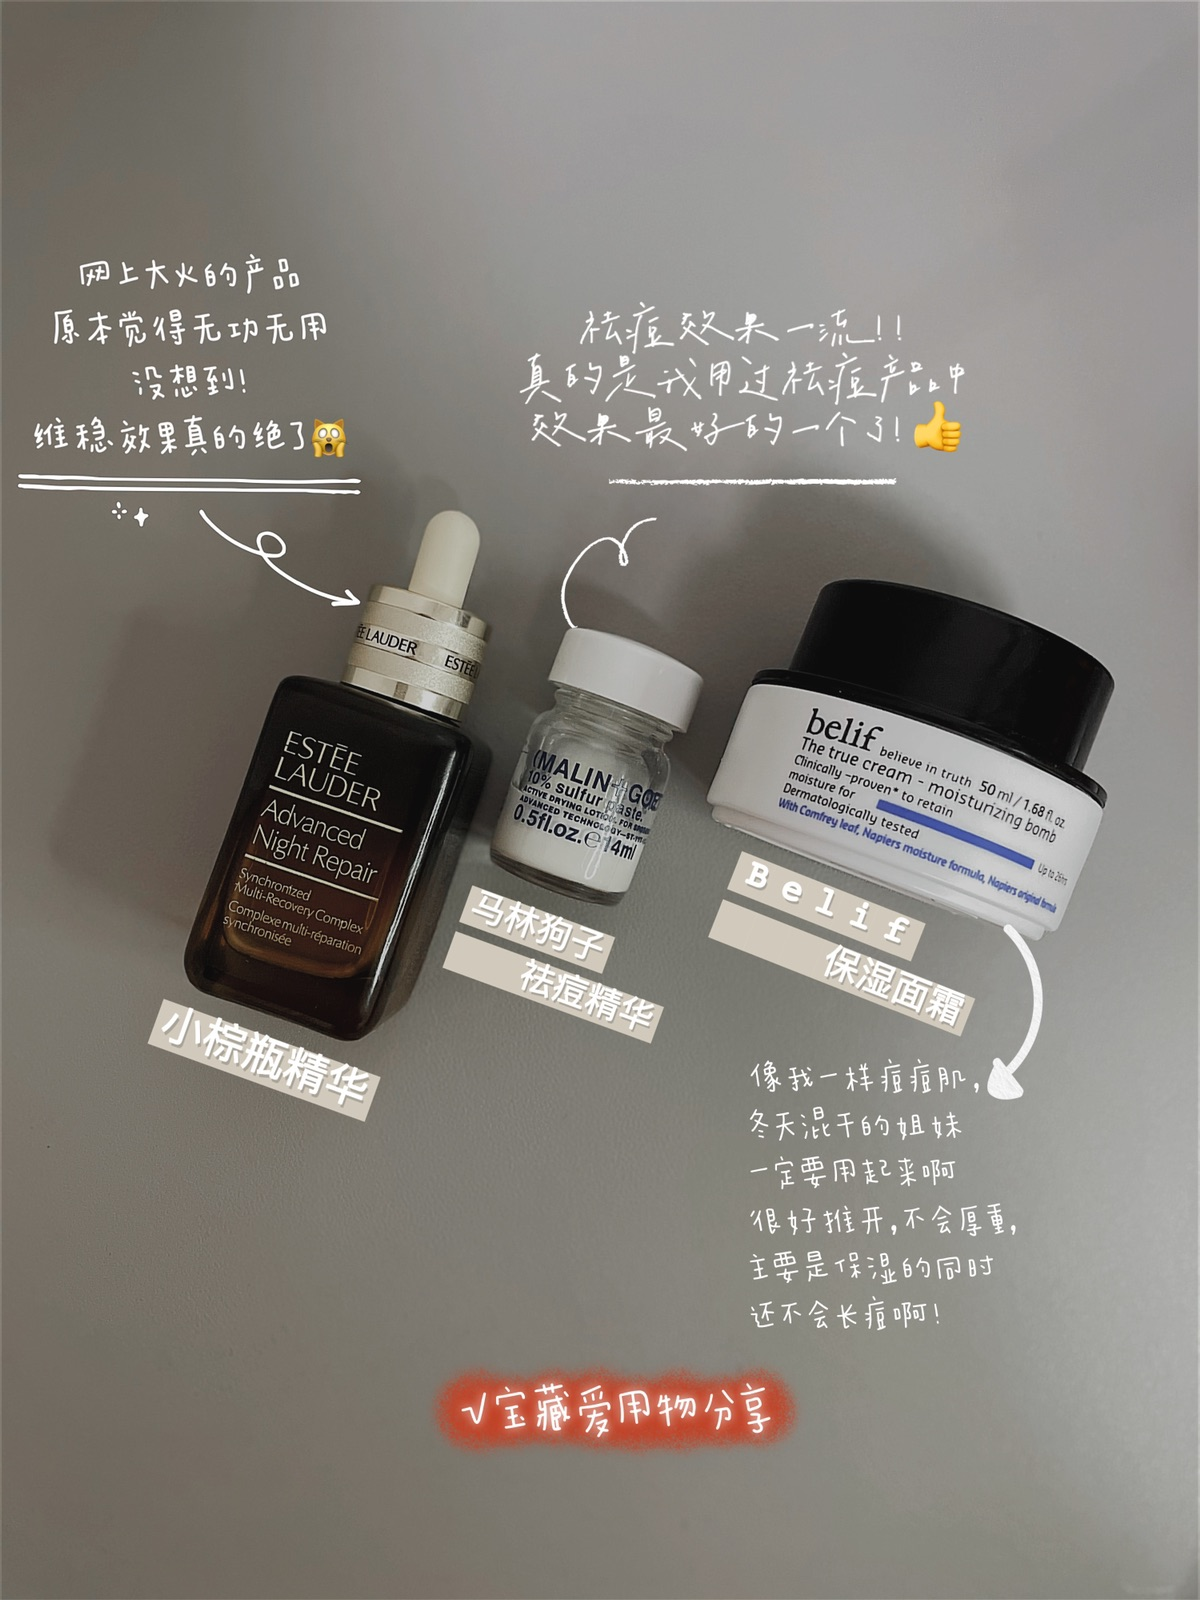 [年度护肤TOP 3]分享日常爱用护肤品